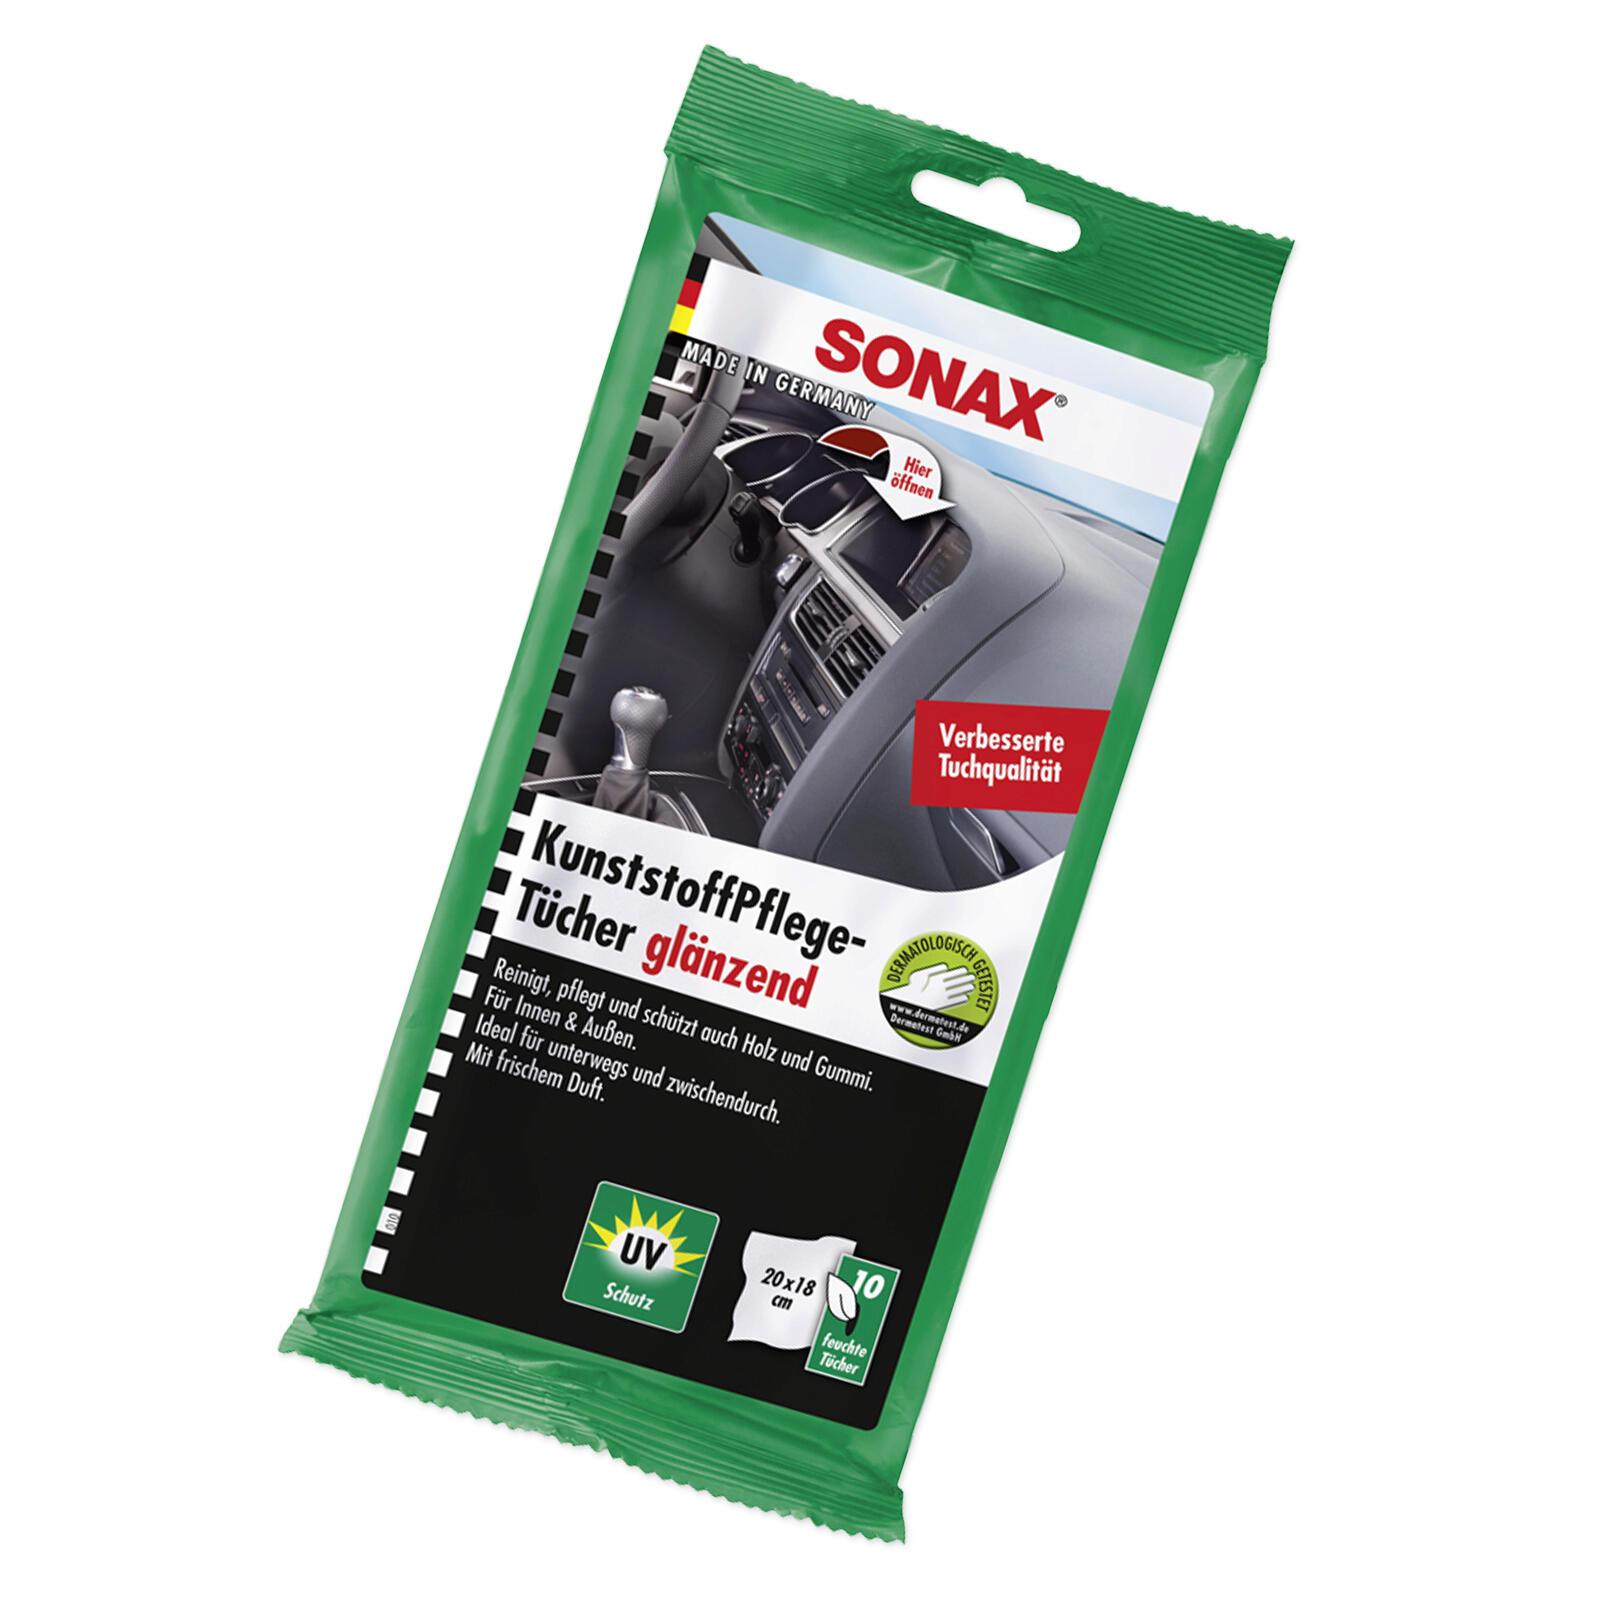 SONAX KunststoffPflegeTücher glänzend